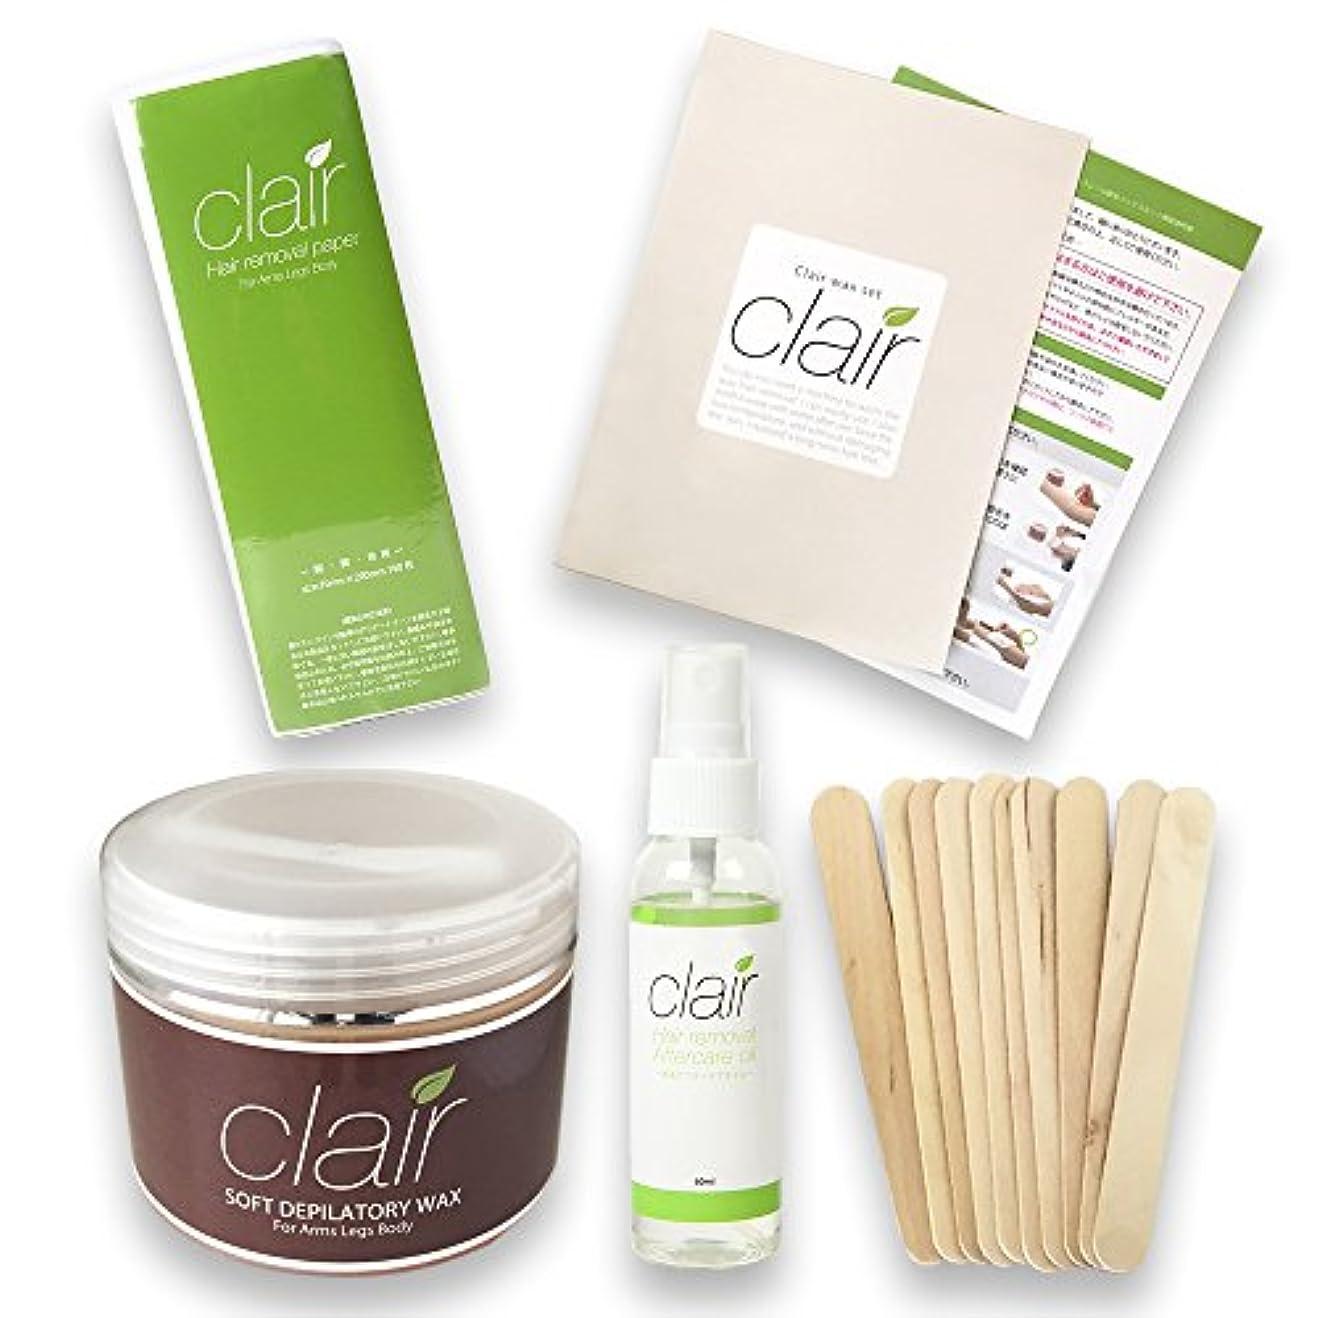 フォアマントンベテランブラジリアンワックス clair soft wax 初めてのブラジリアンワックス脱毛 スターターセット 【取扱説明書付】